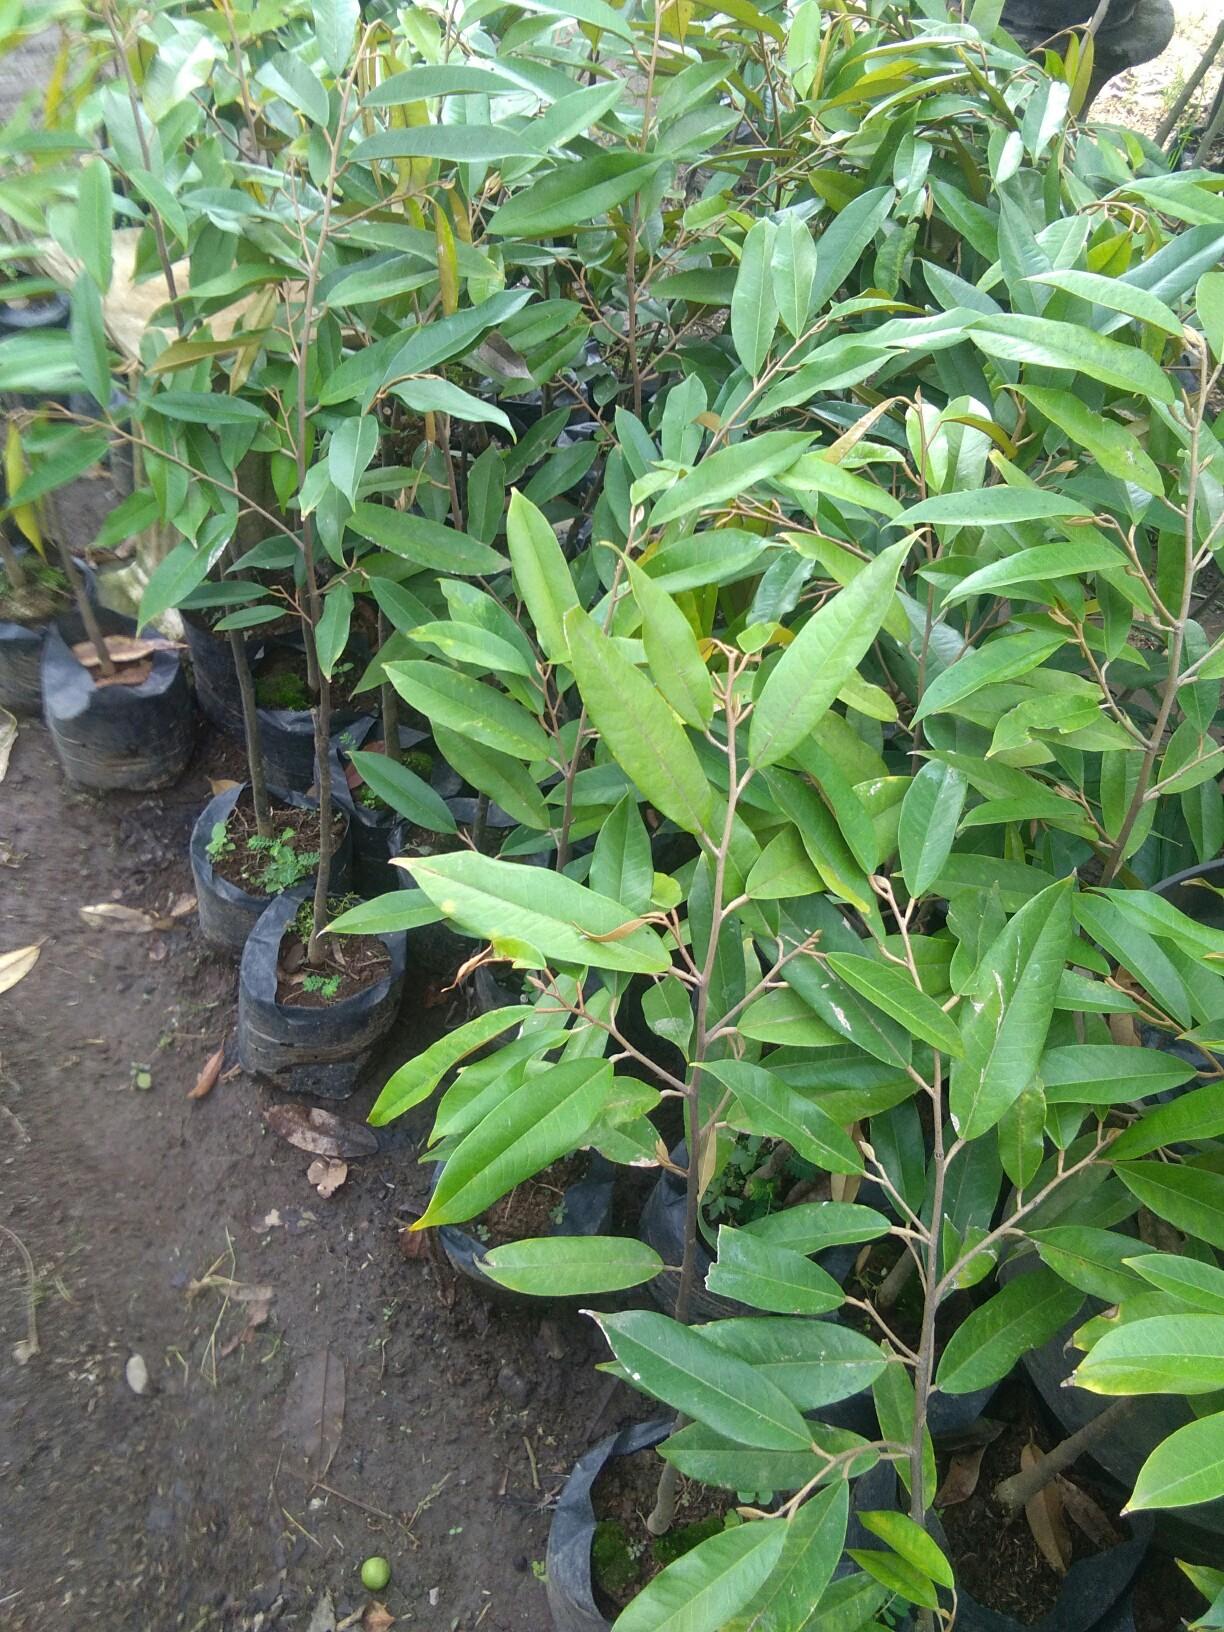 Jual bibit unggul tanaman buah durian